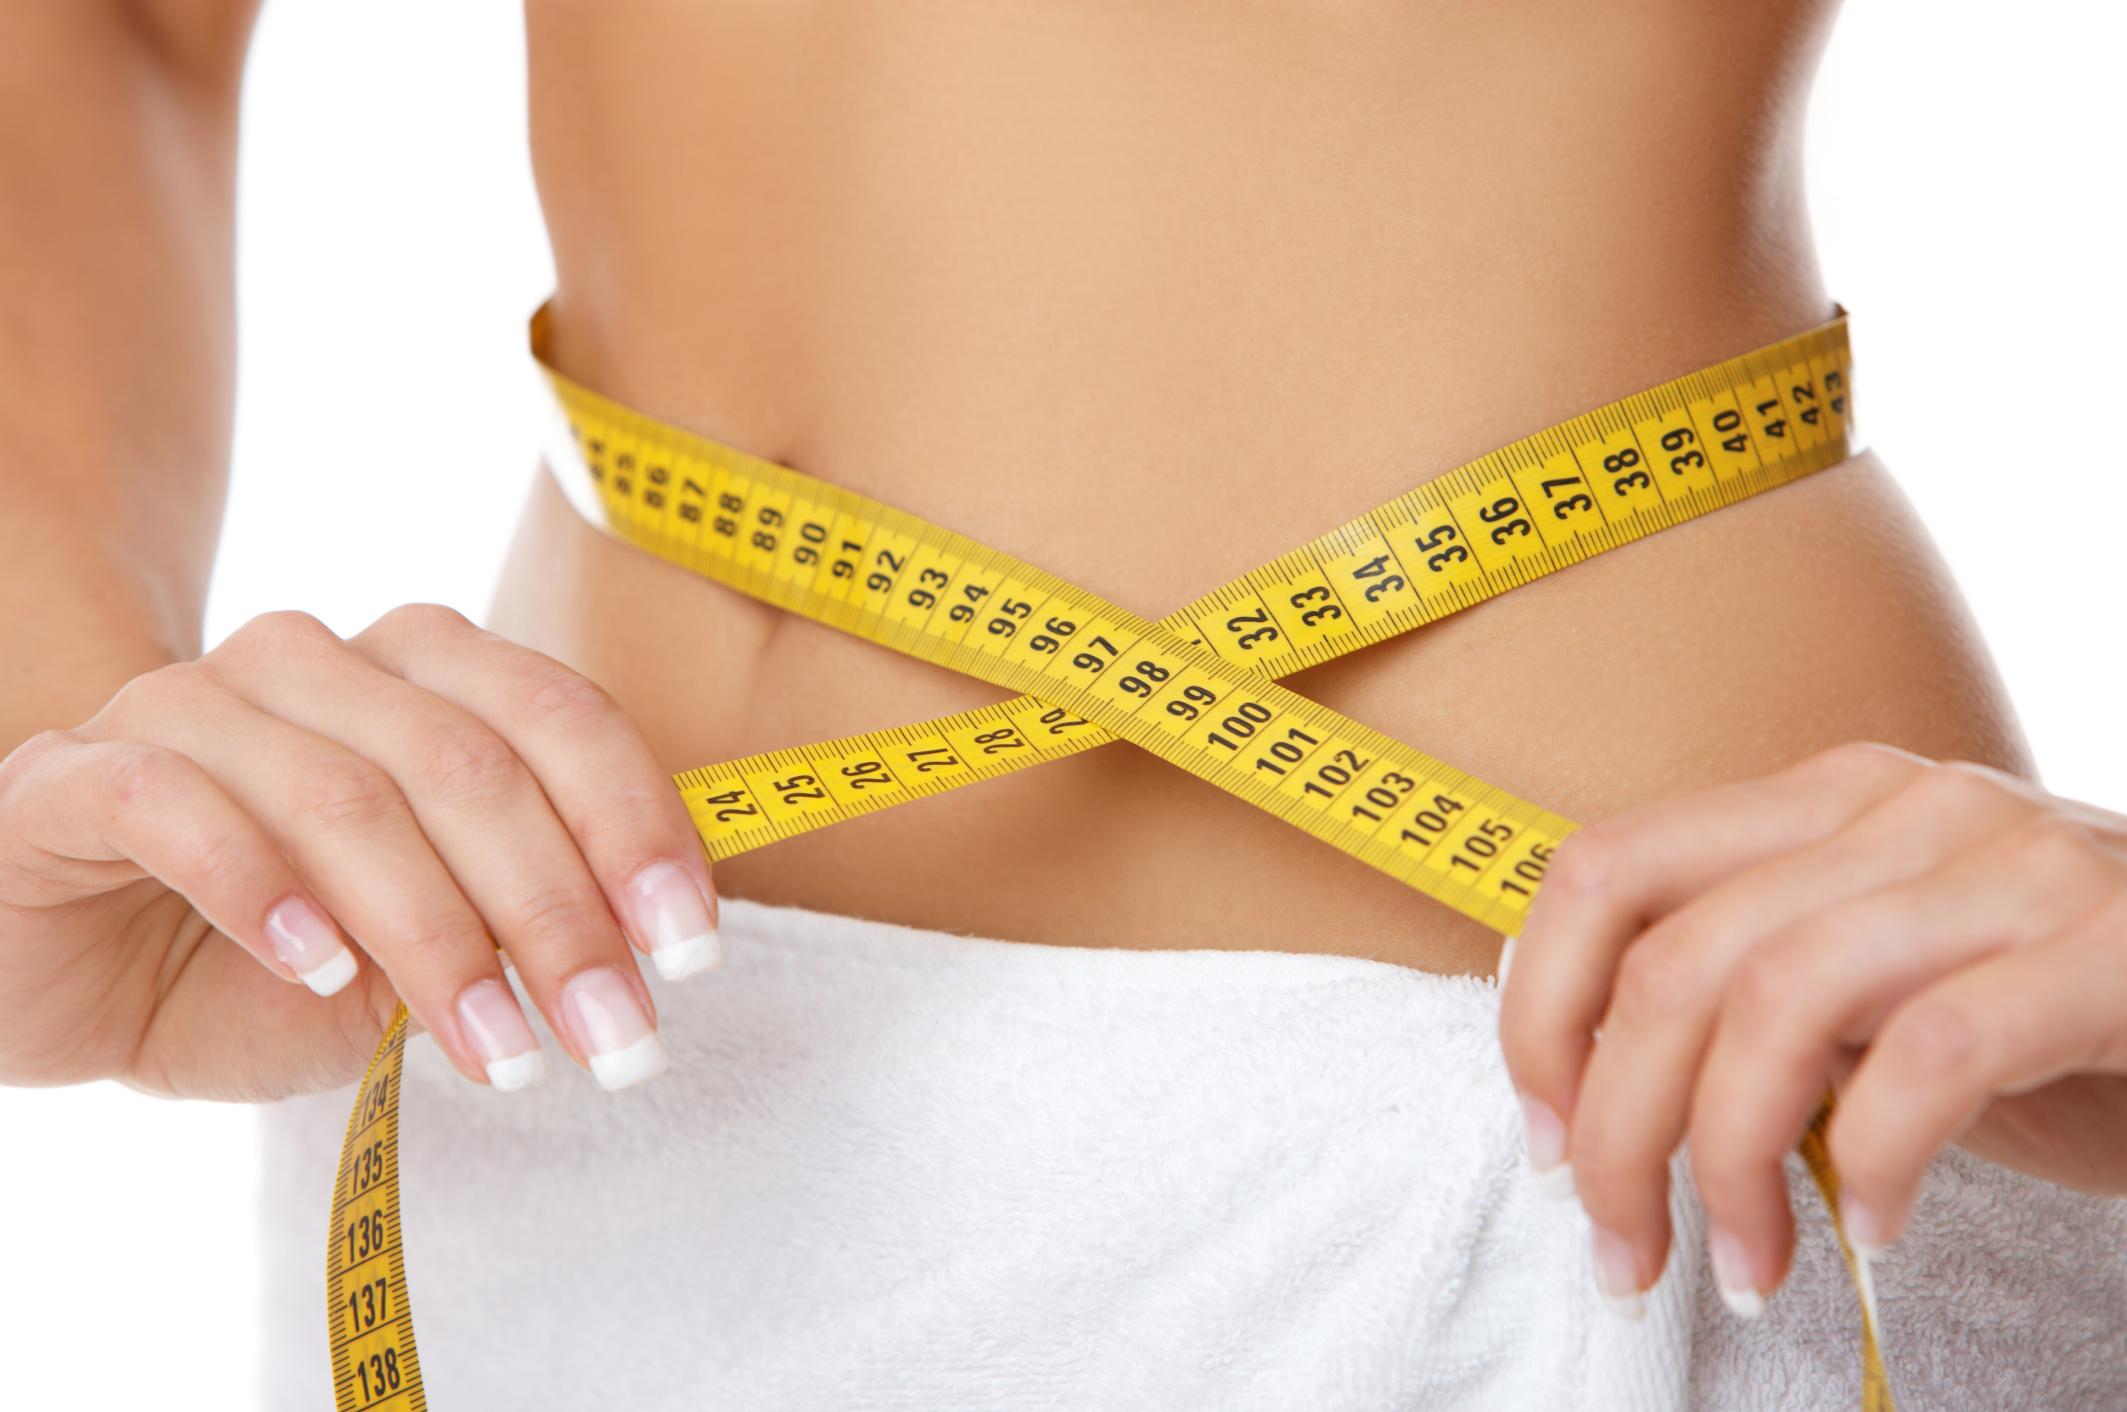 Программа Идеальный вес